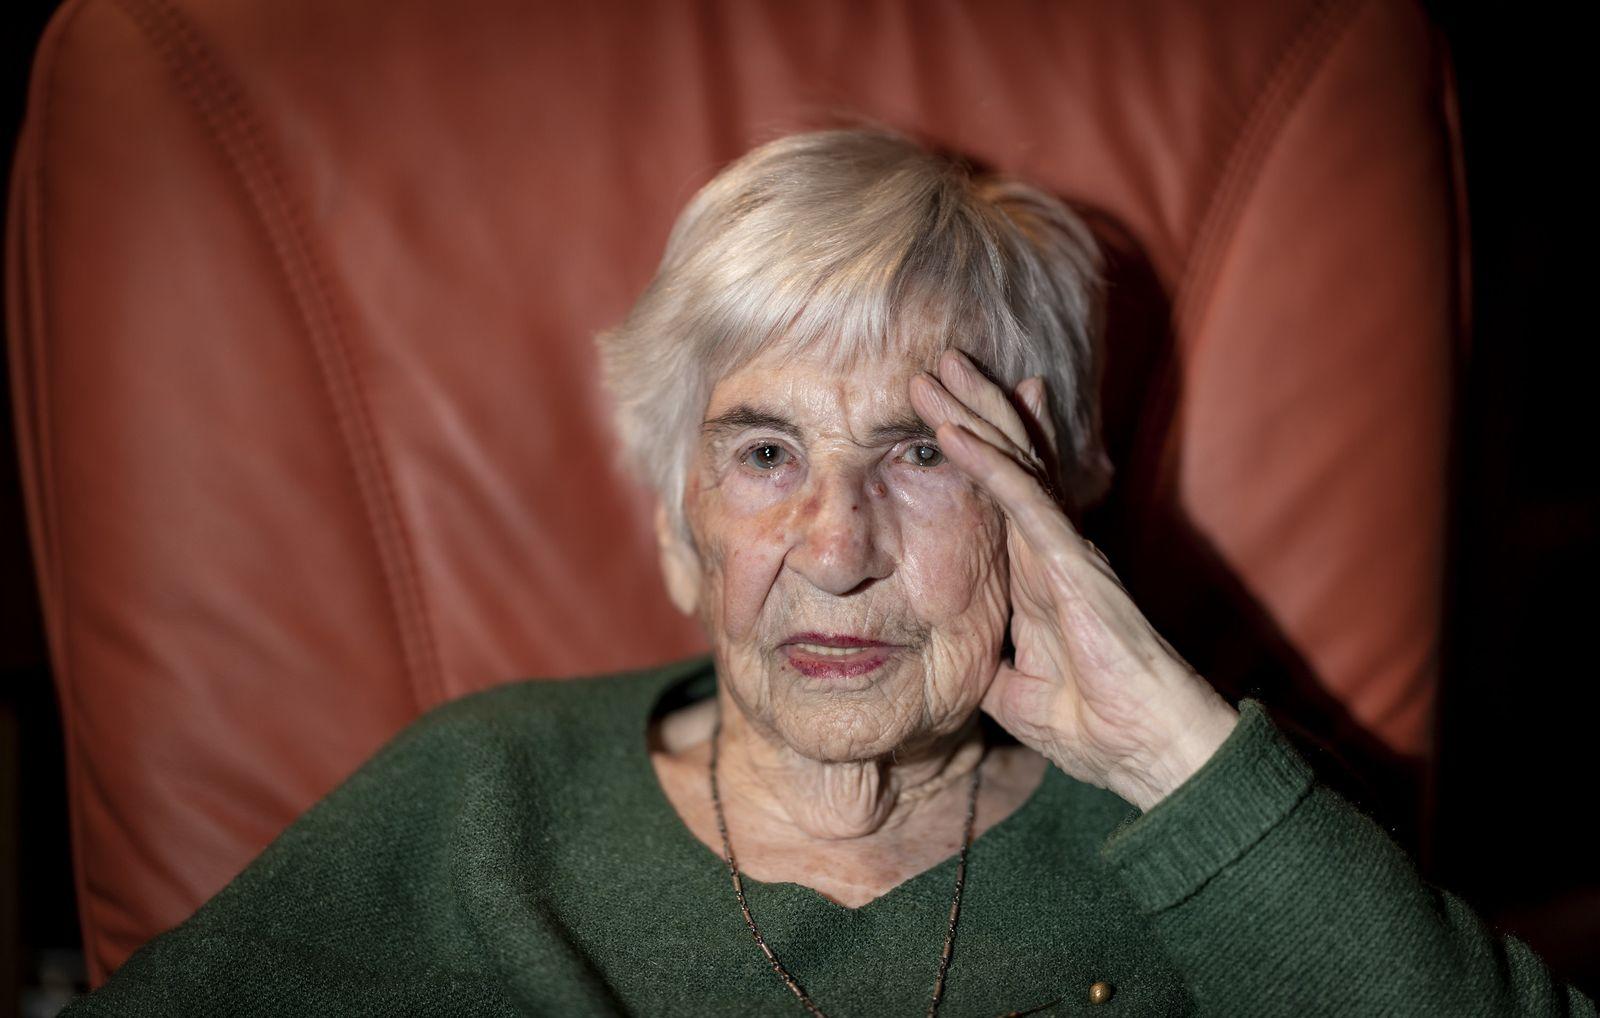 Esther Bejarano - Gedenken an Auschwitz-Befreiung